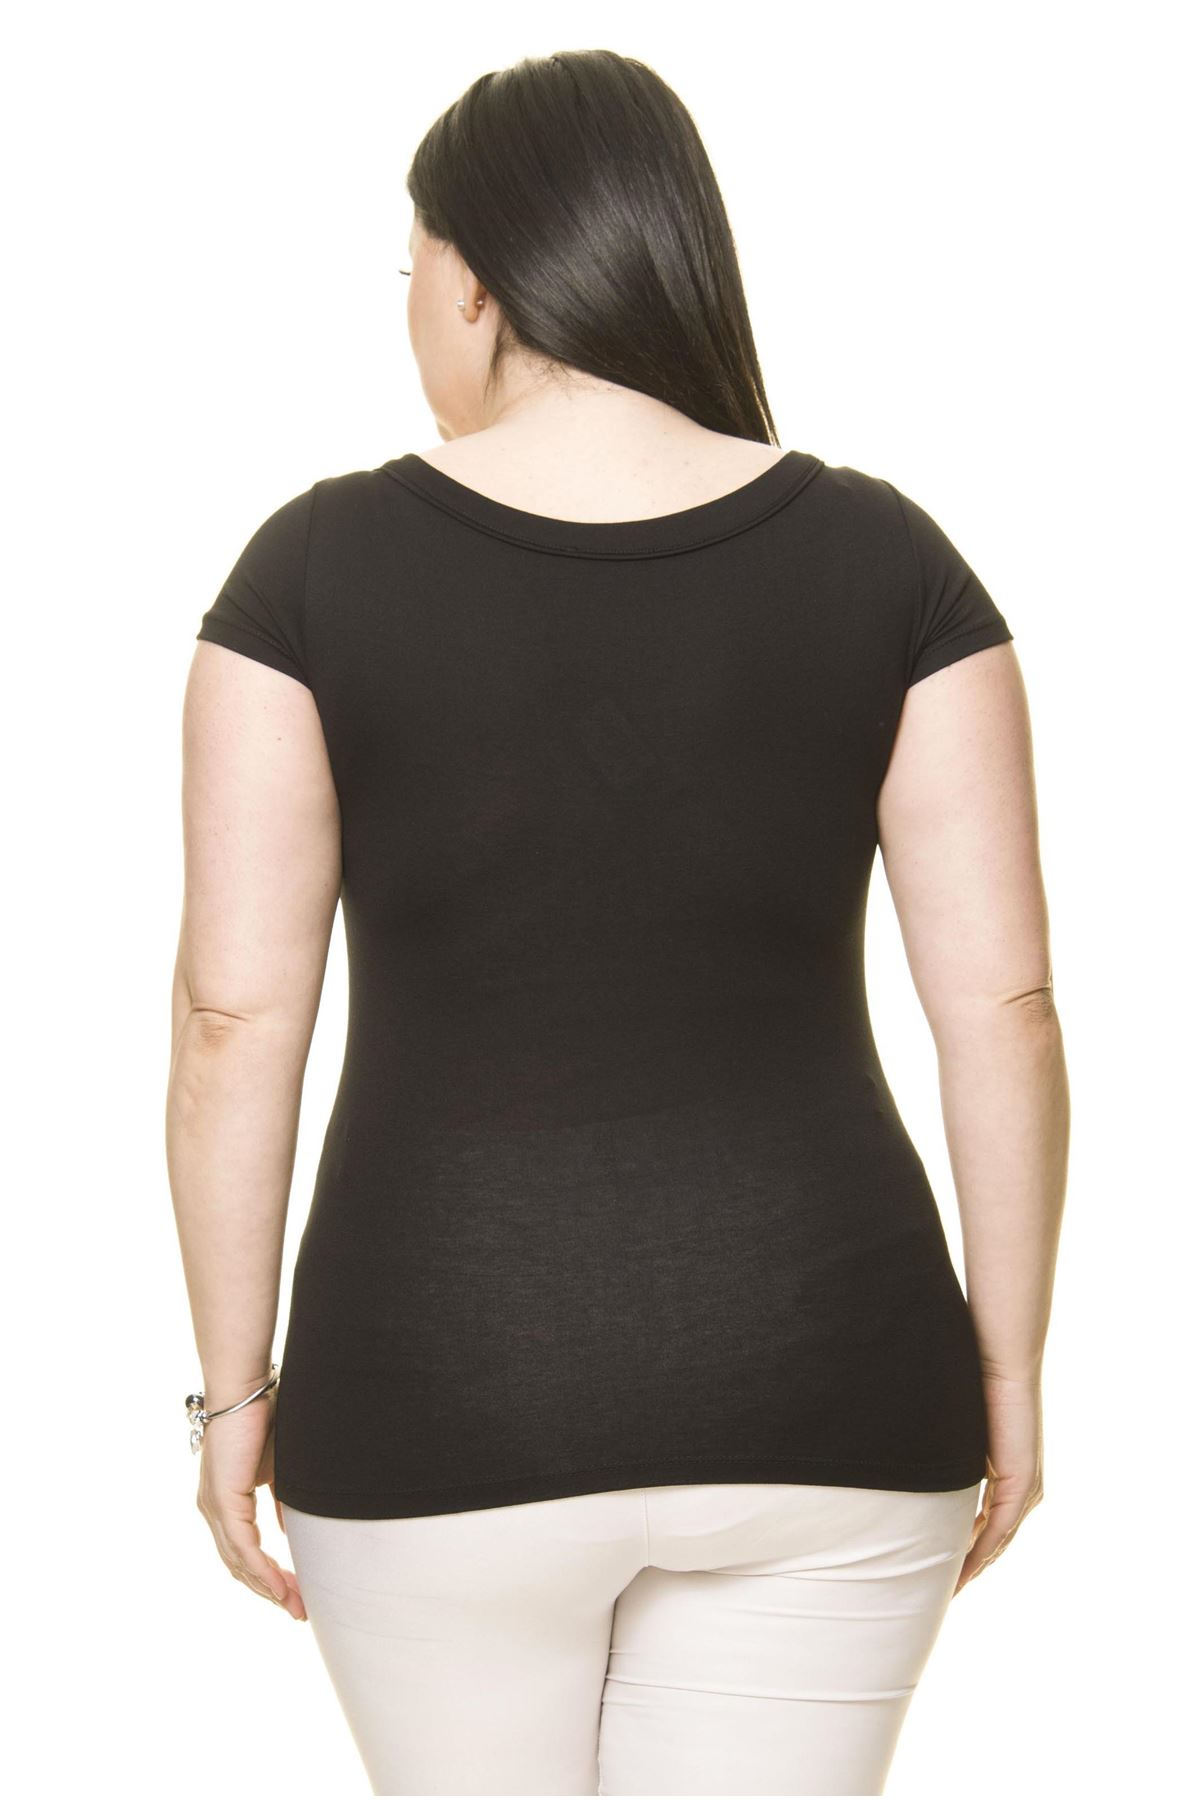 Kadın Büyük Beden Siyah İncili Taş İşlemeli Body 17E-70013-1